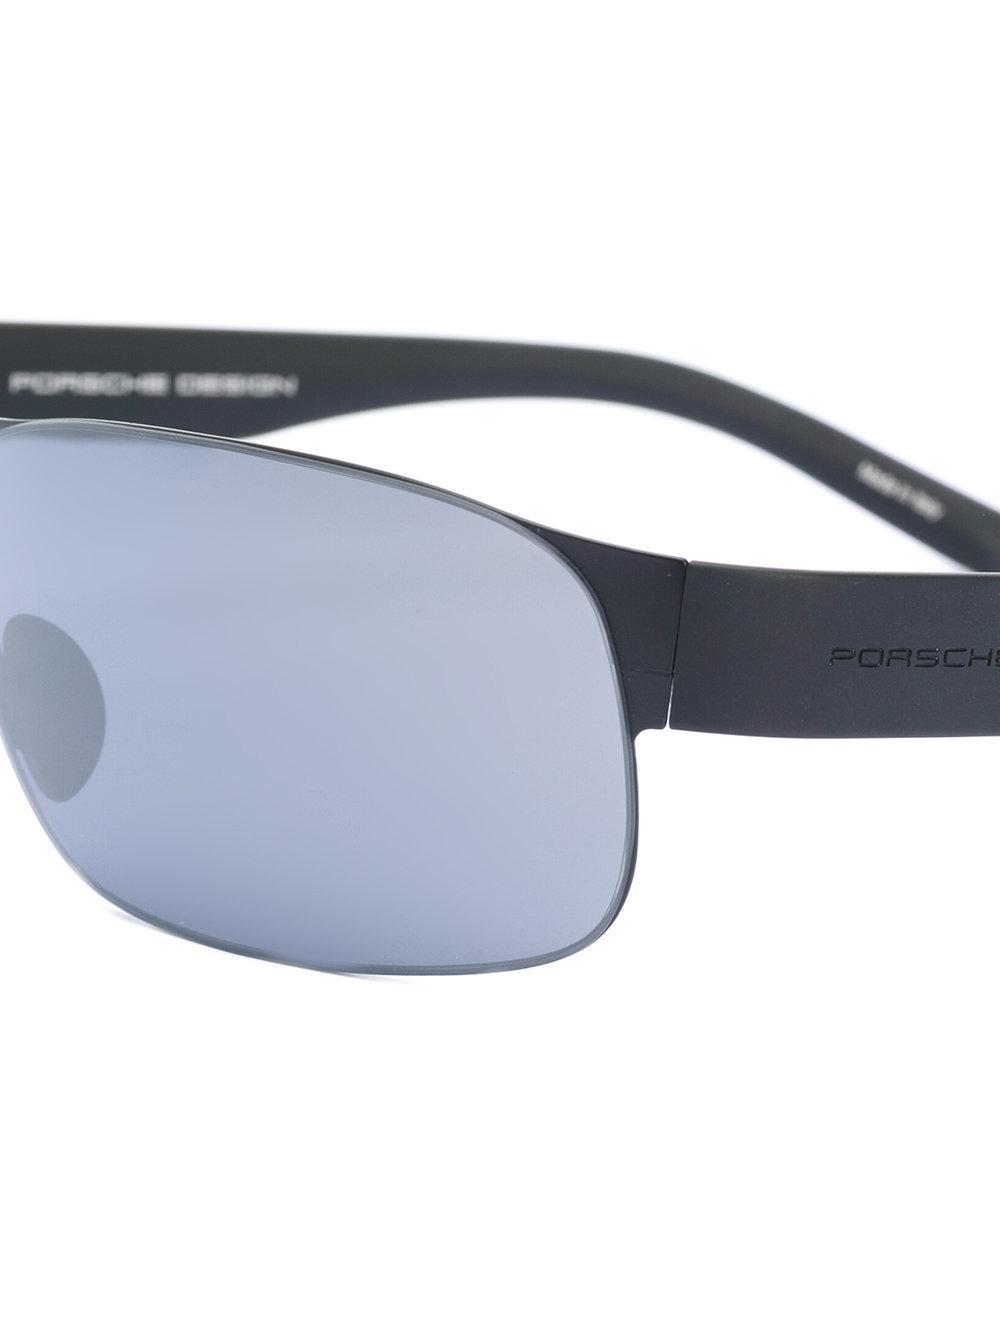 Porsche Design Square Sunglasses in Black for Men